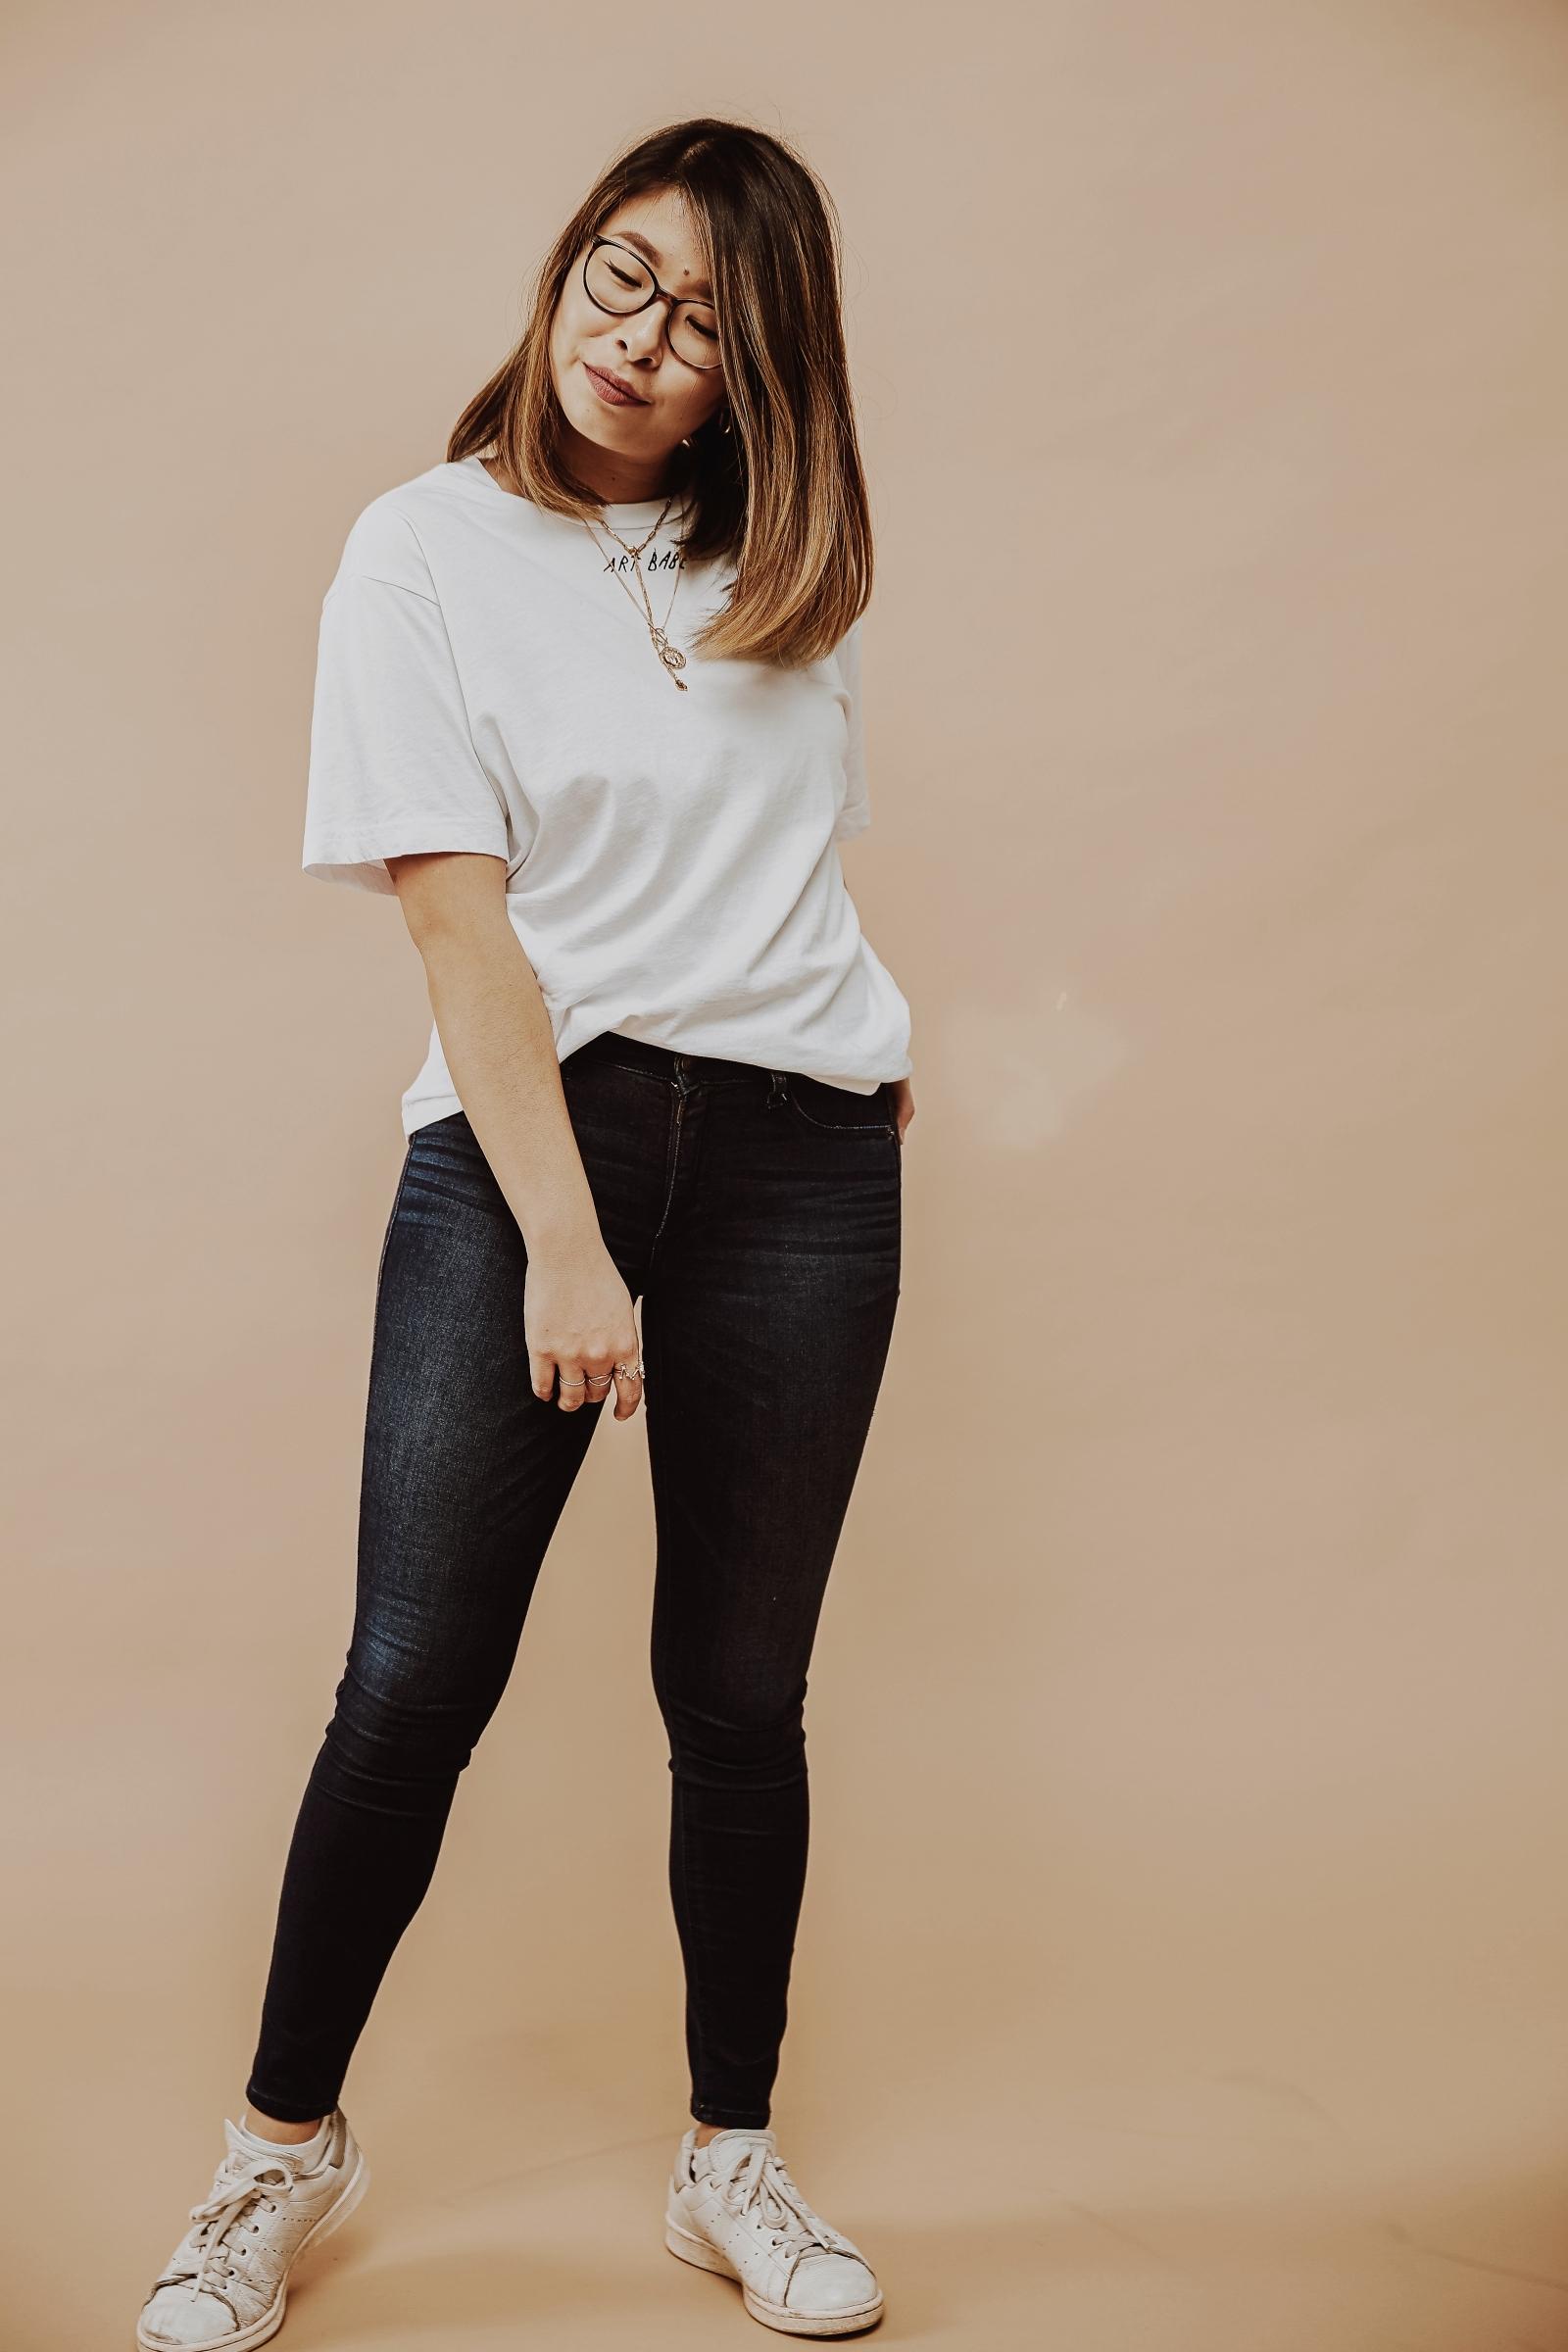 inhighfashionlaune | Jeans Guide: die perfekte Jeans für kleine Frauen